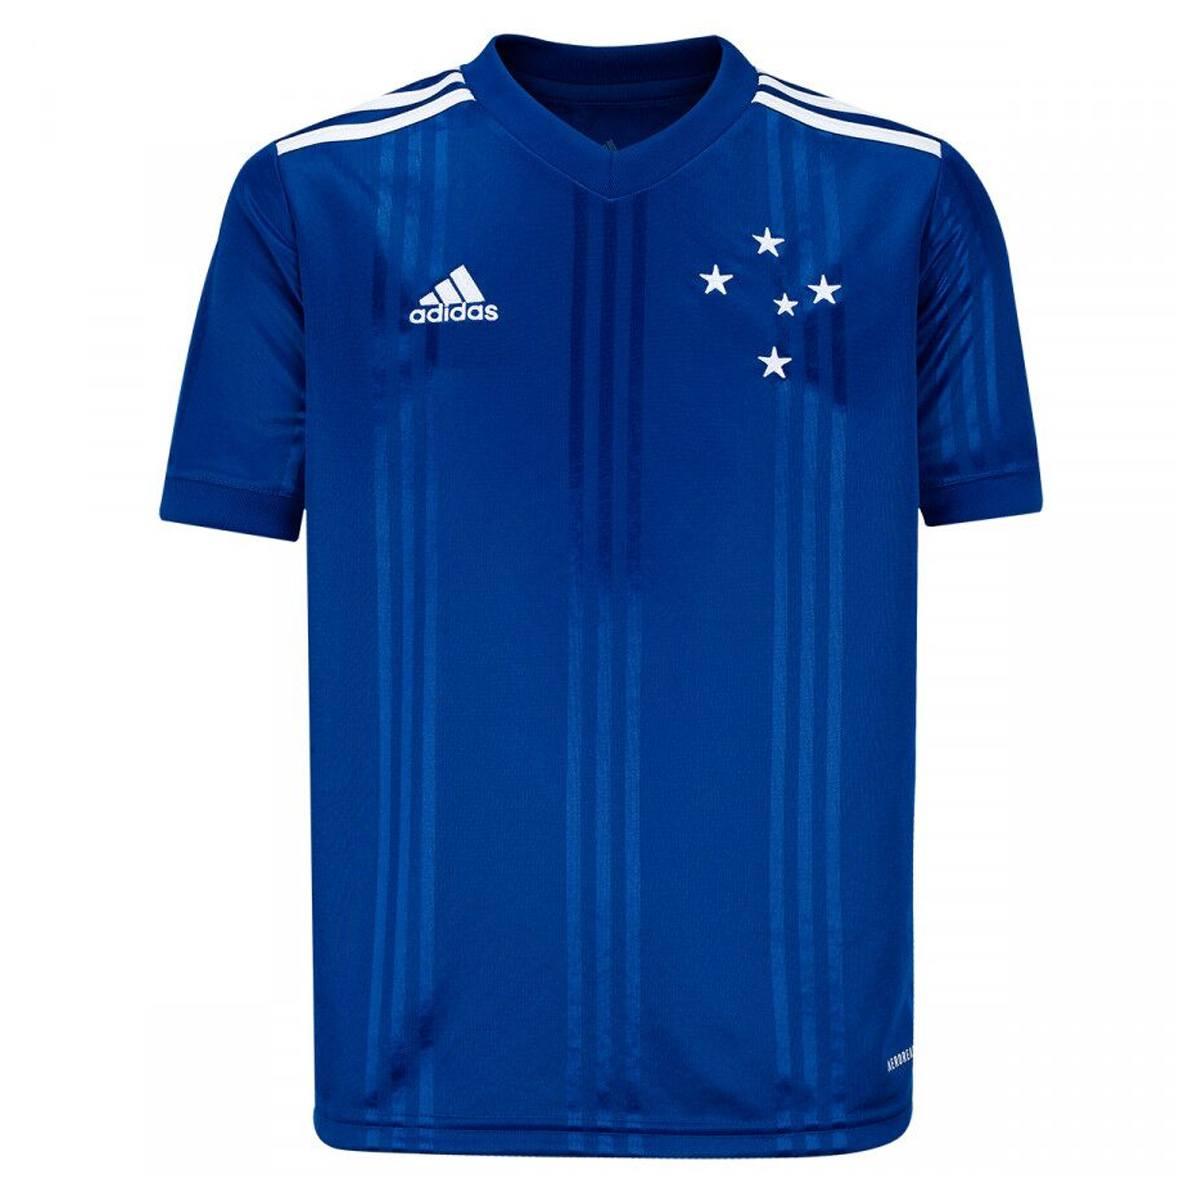 Camisa Cruzeiro Infantil I 20/21 s/nº Torcedor Adidas